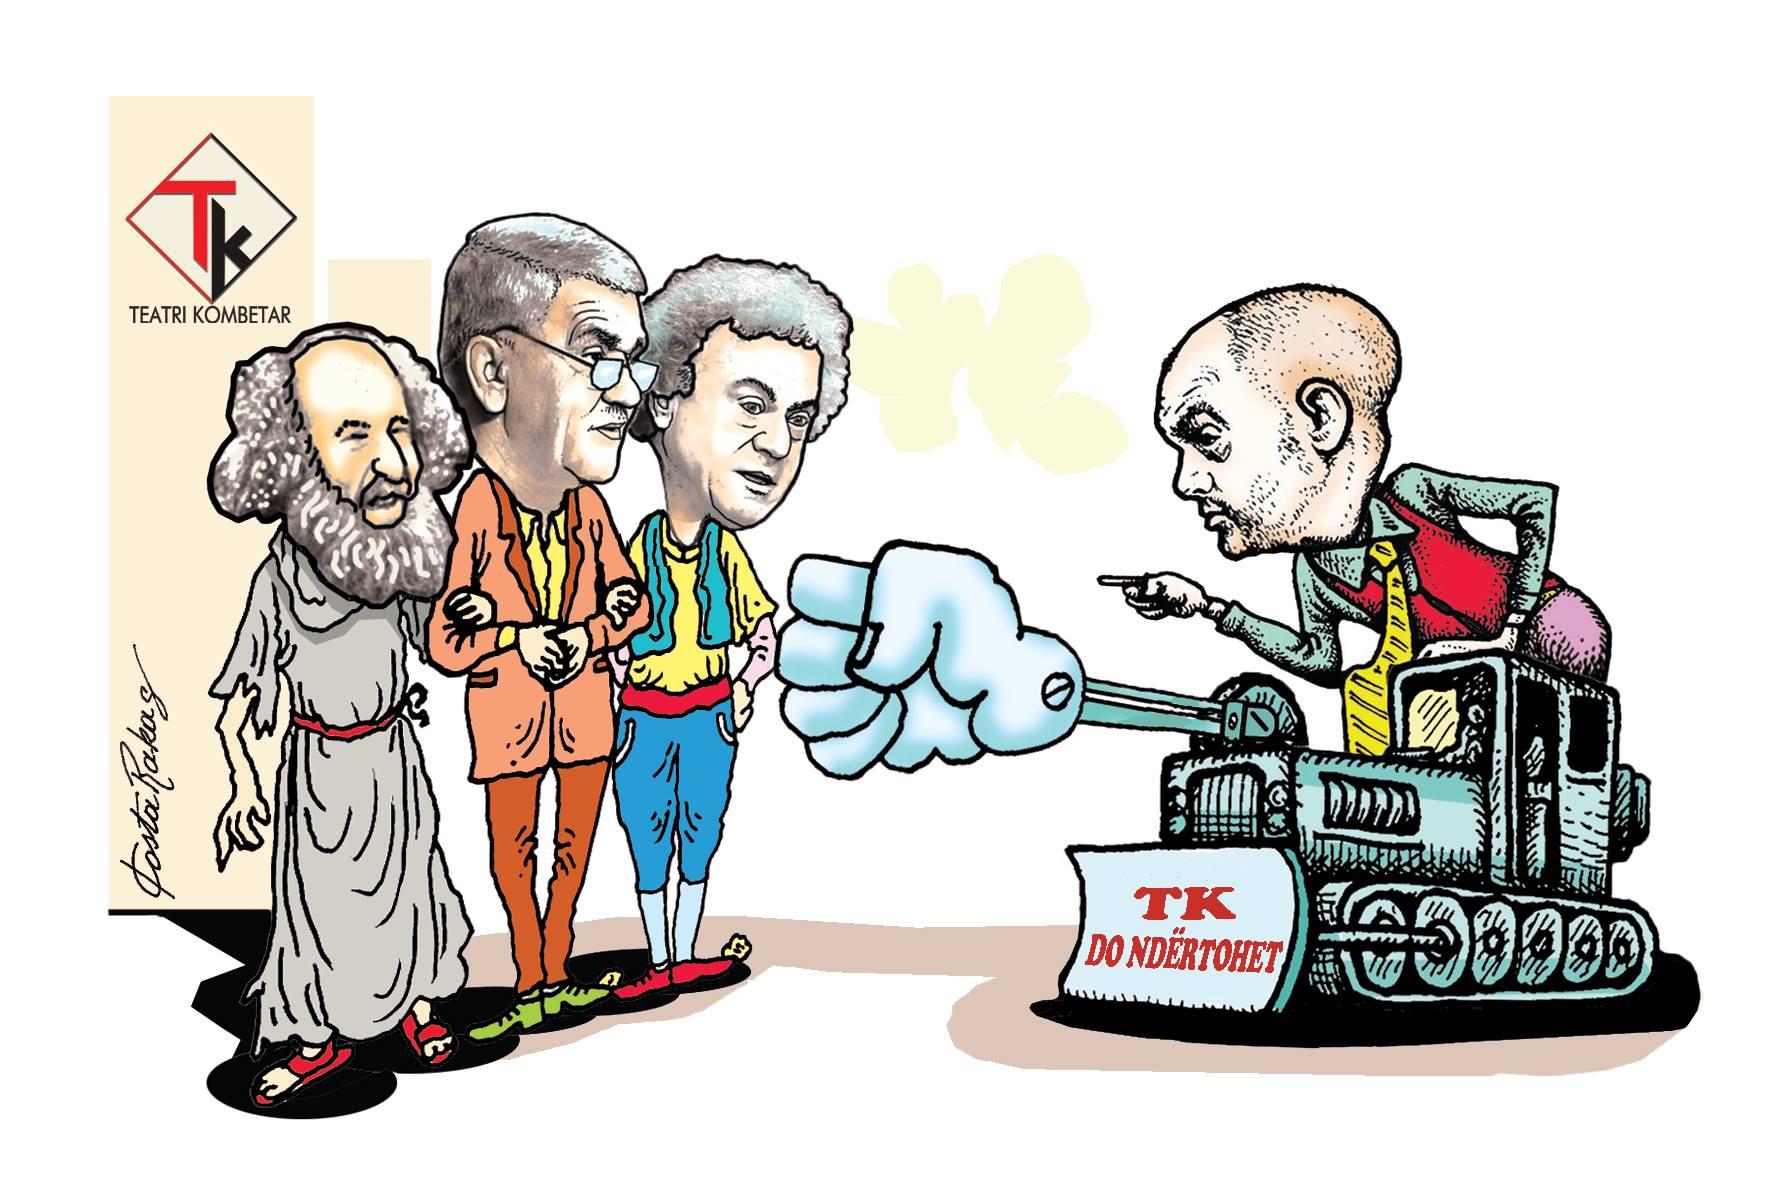 Karikatura e ditës në Albanian Free Press nga Kosta Raka (14 qershor 2018)